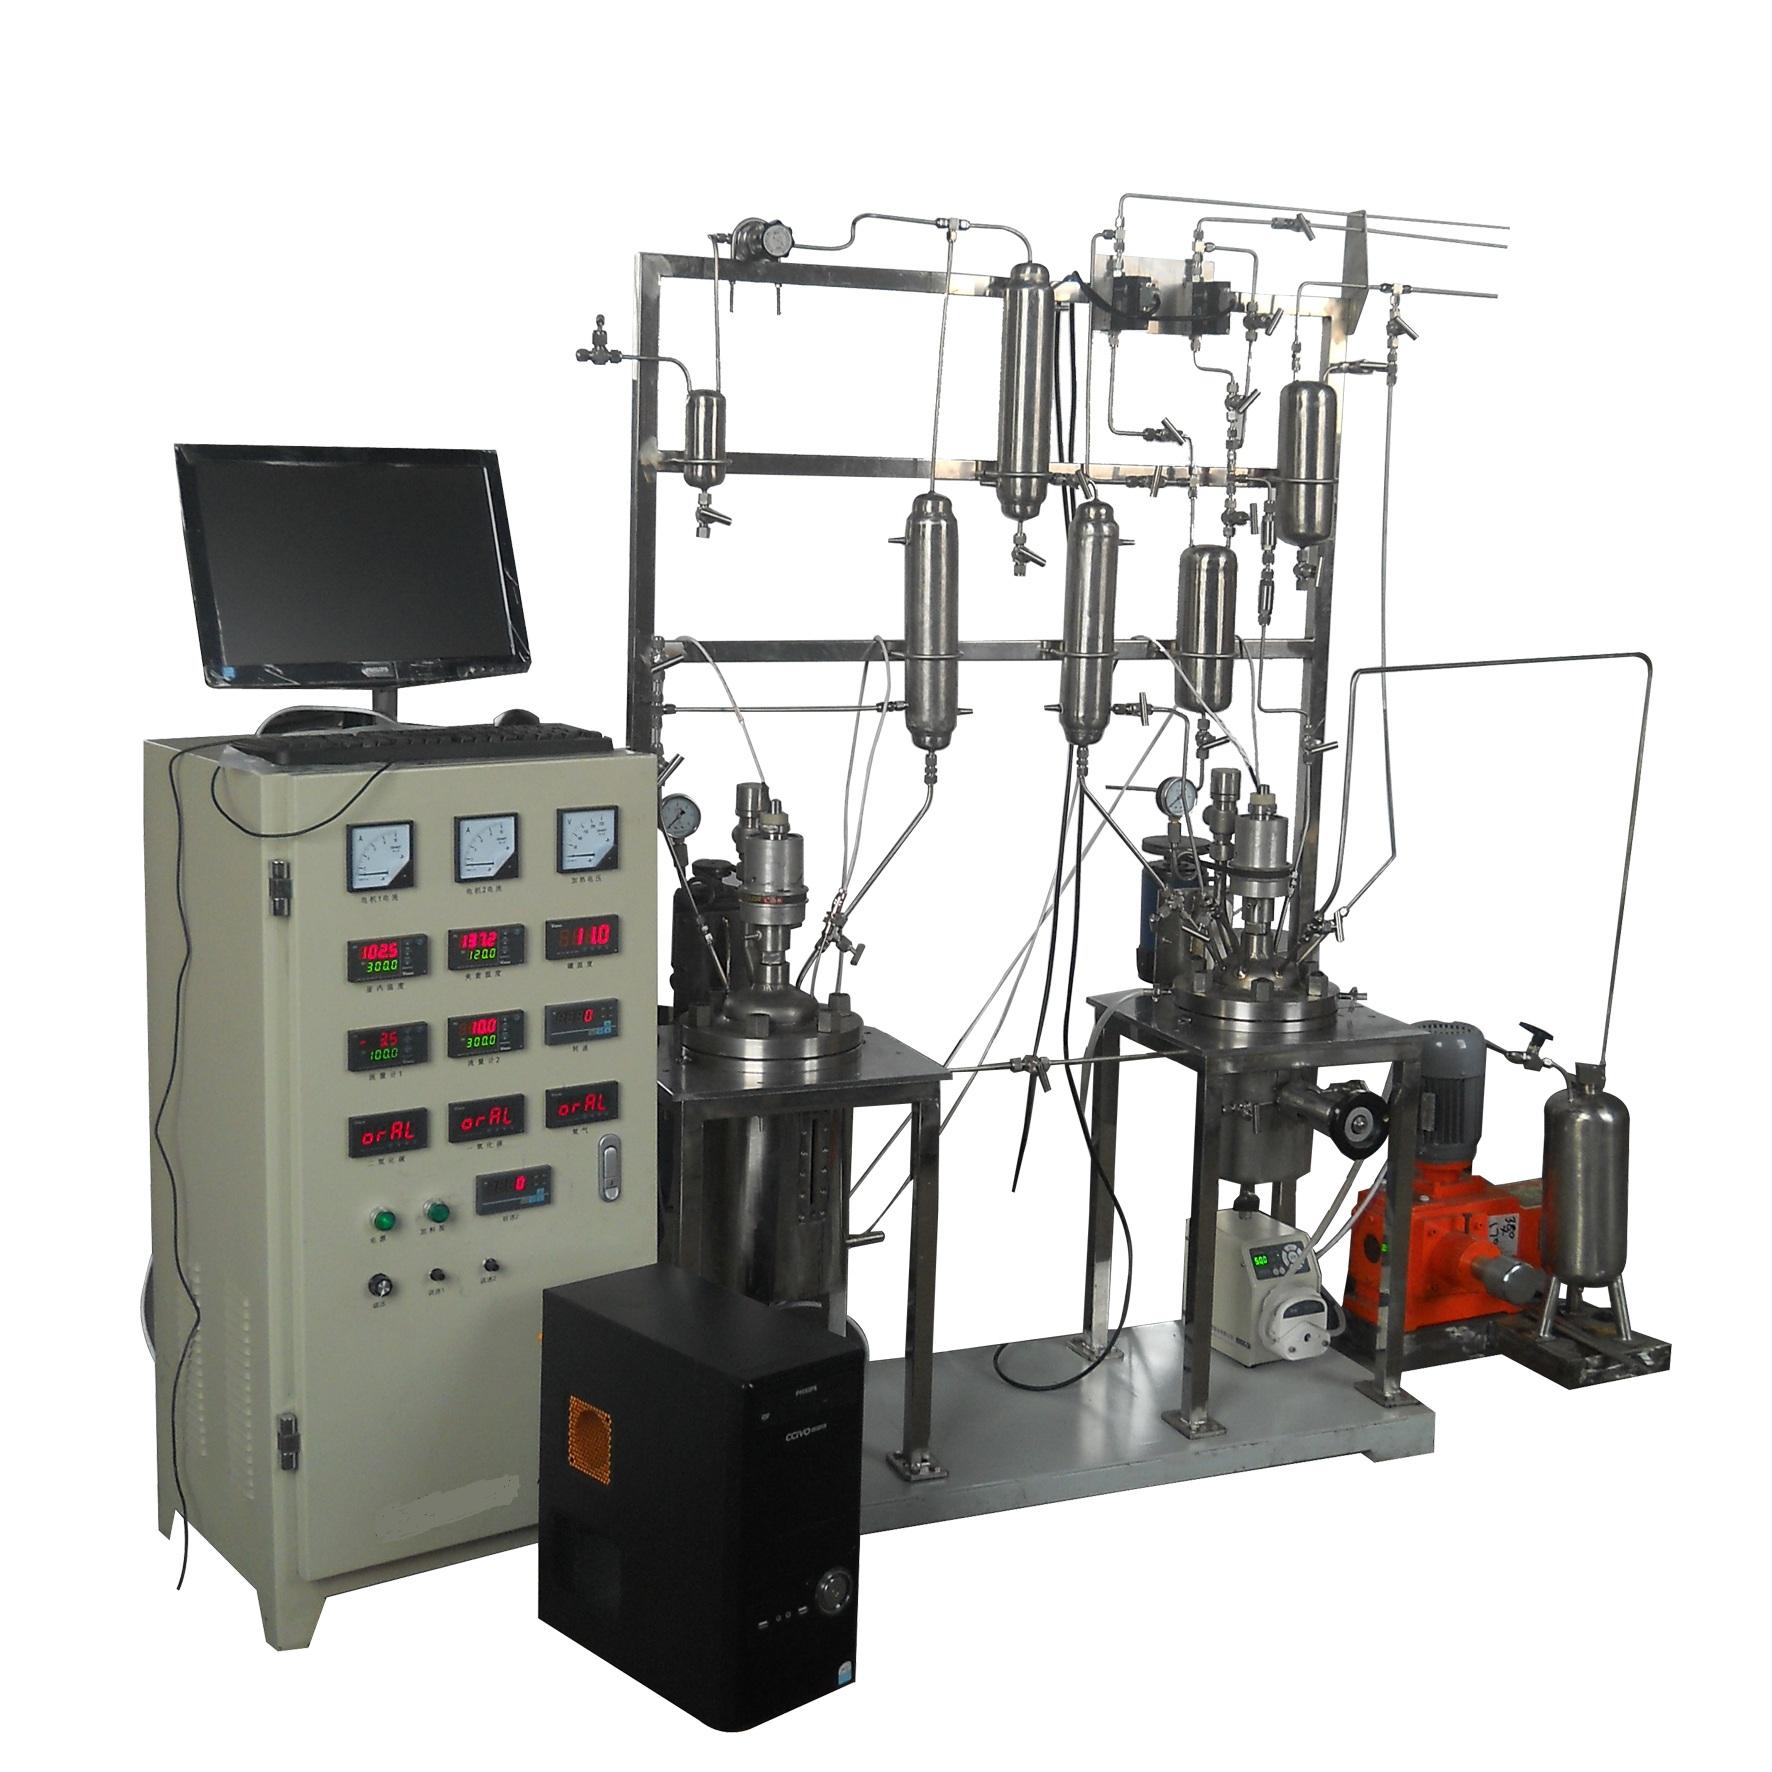 清华大学-实验室反应系统项目